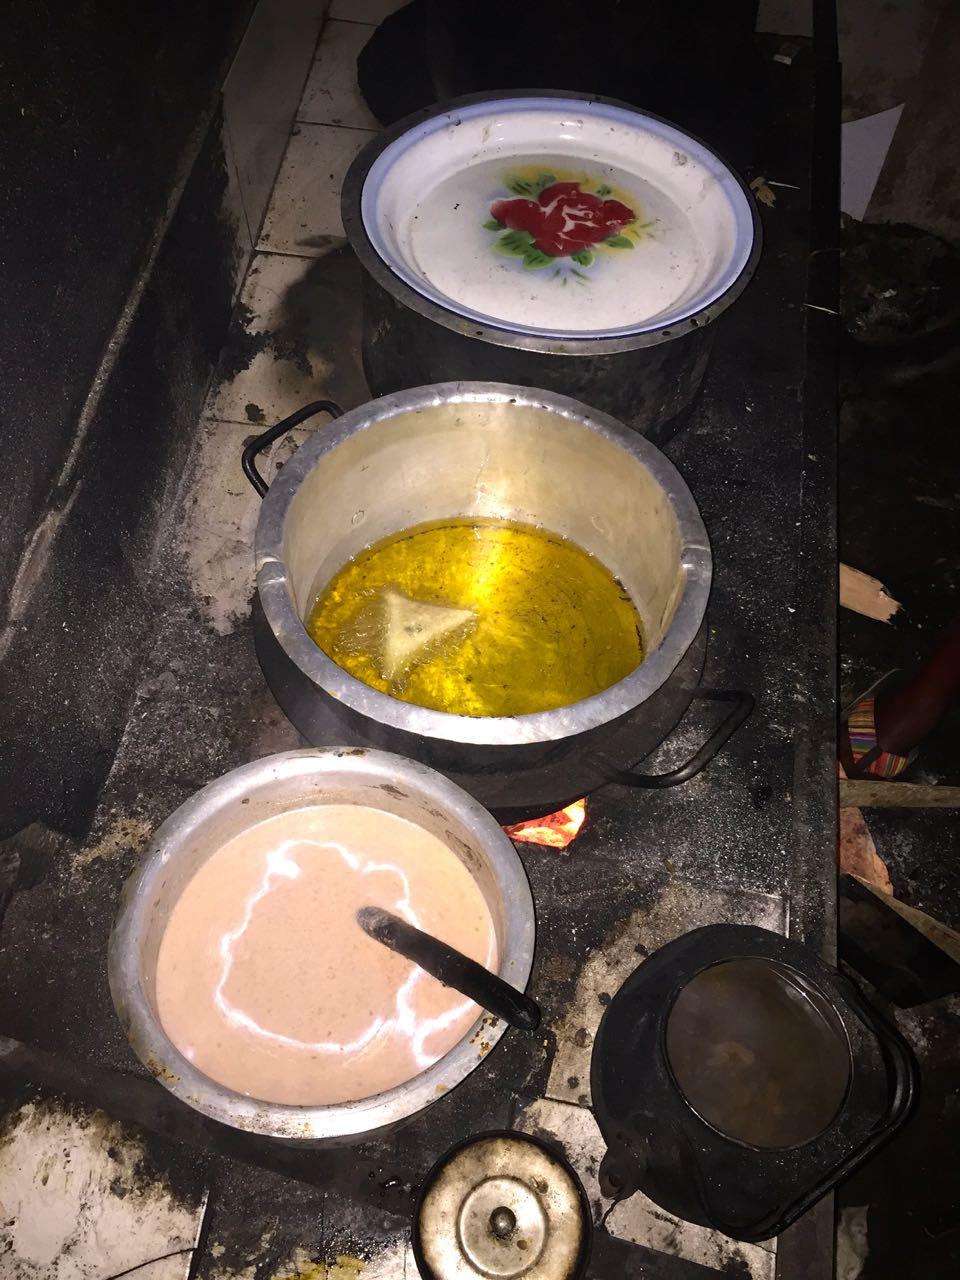 Öl zum Frittieren der Sambias